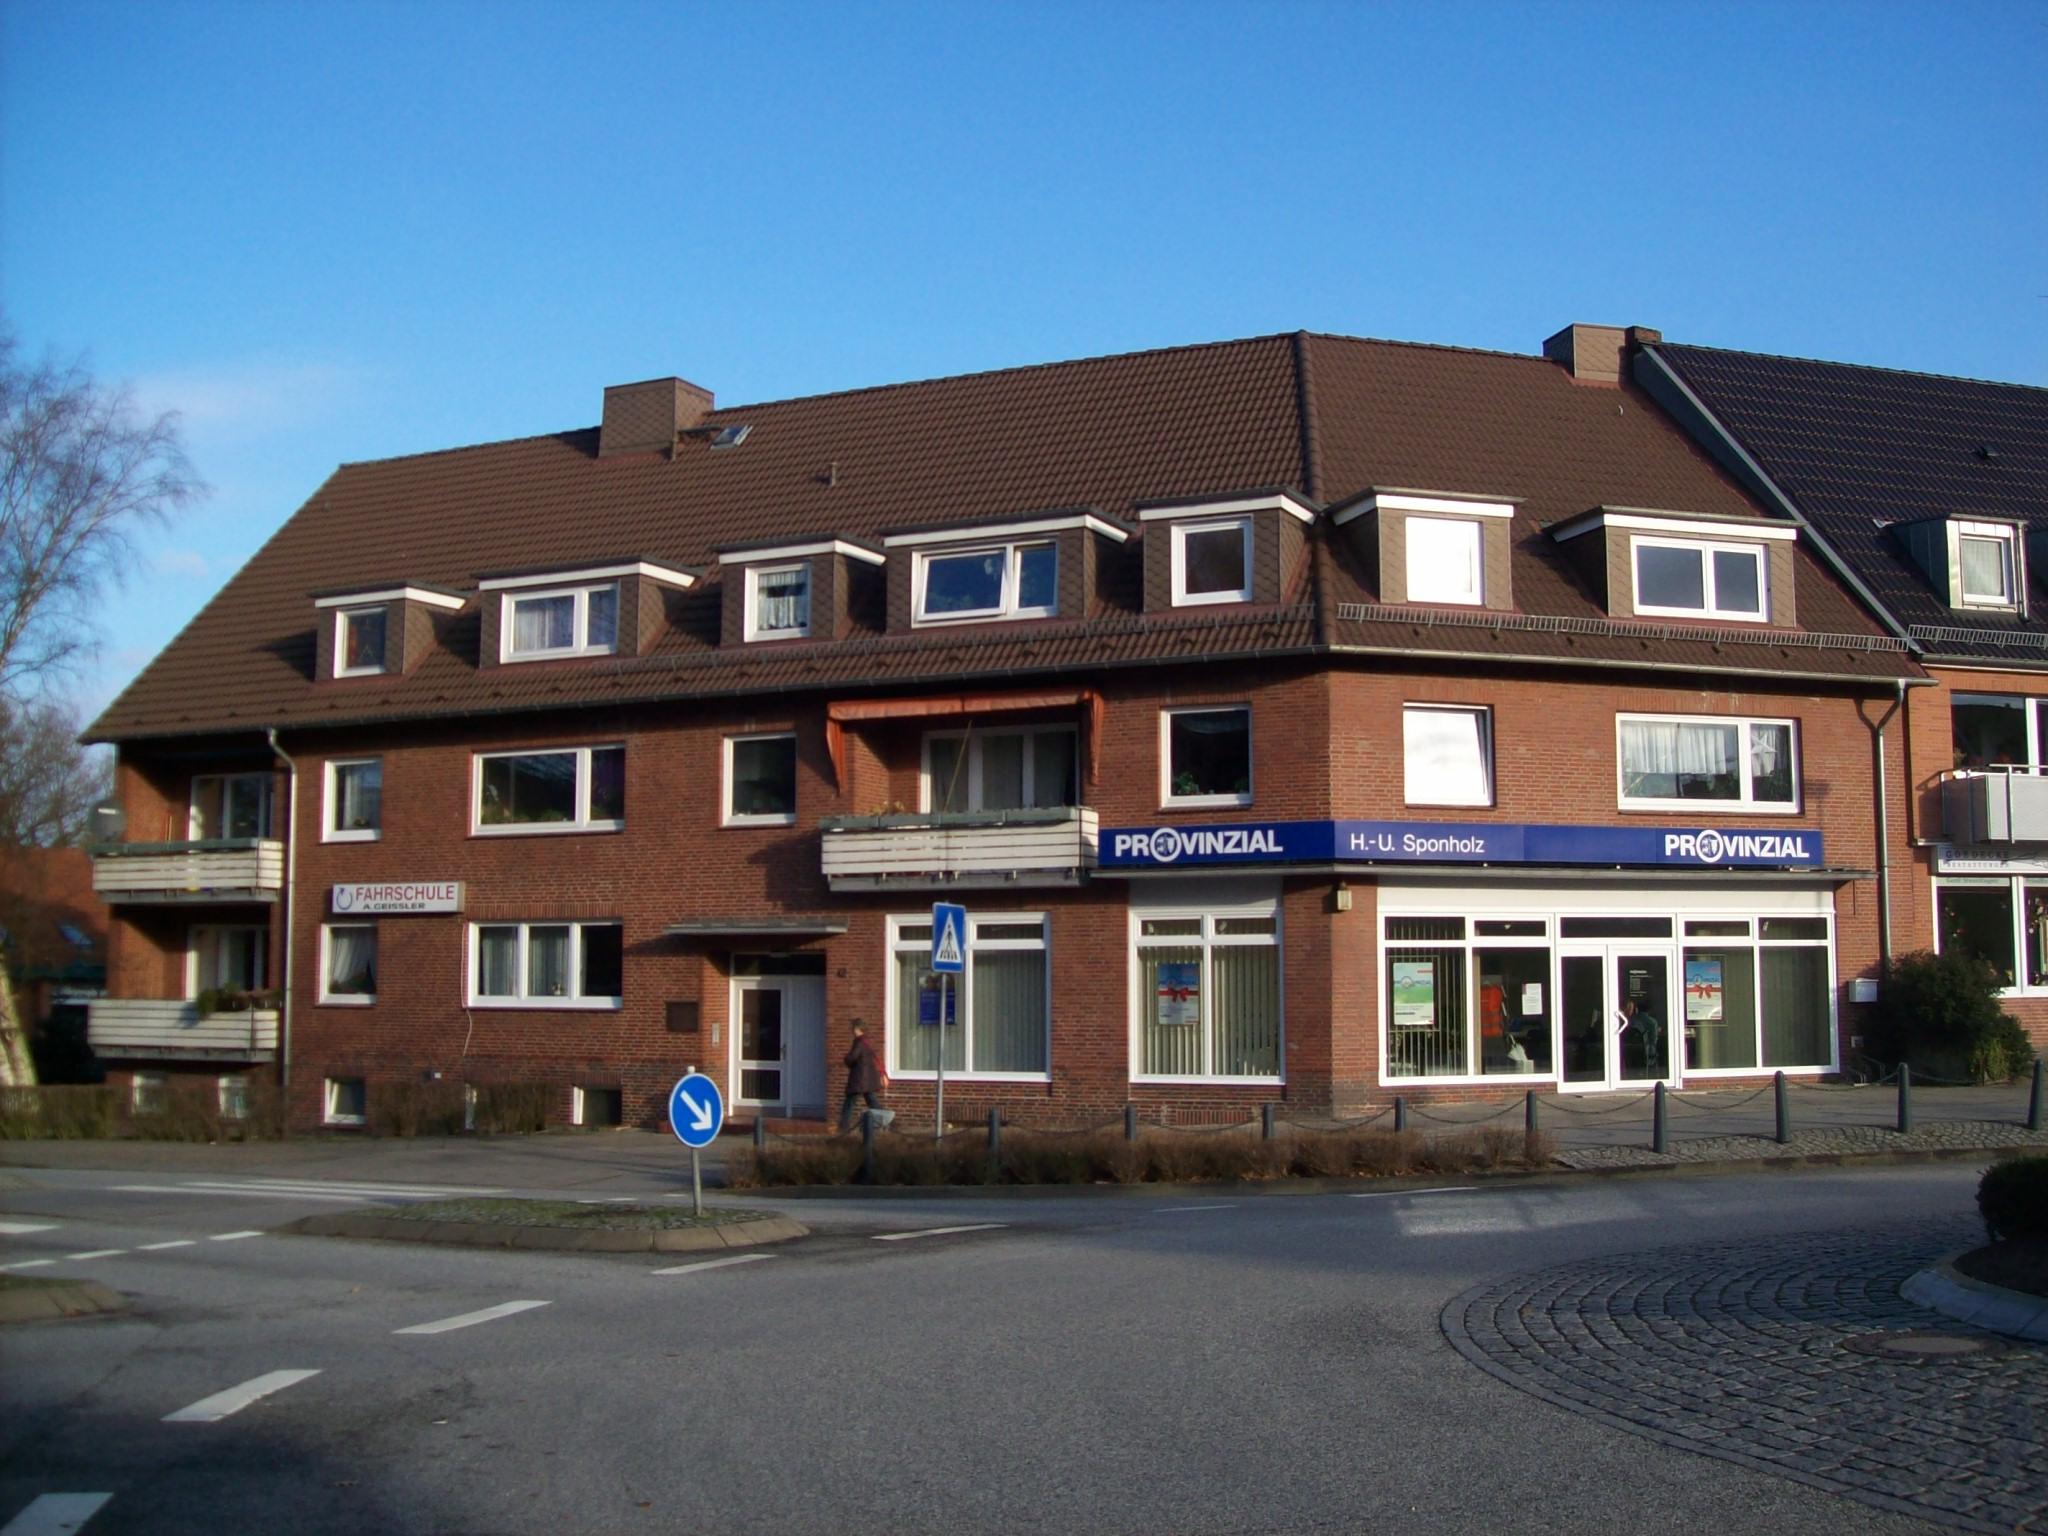 Wöhrendamm 80, 22927 Grosshansdorf